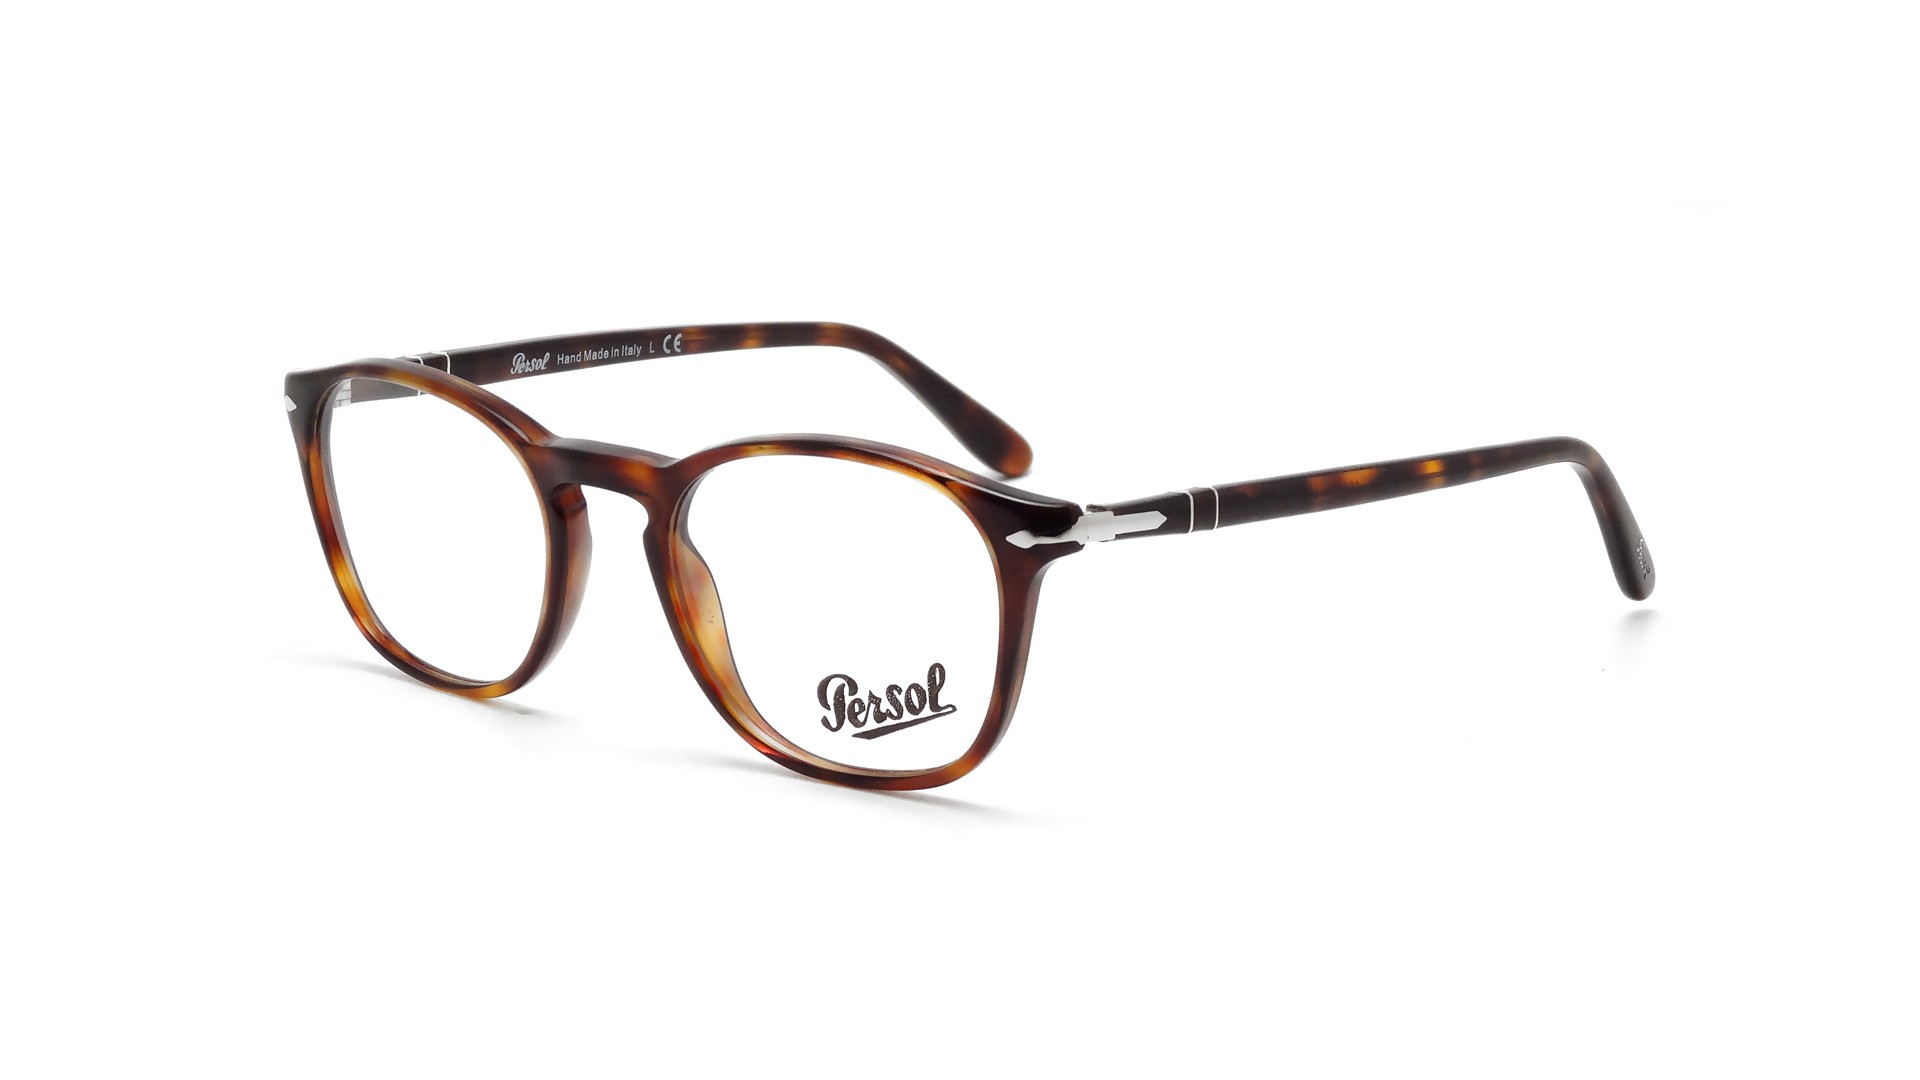 b233955ac4d Eyeglasses Persol Vintage Celebration Tortoise PO3007V 24 48-19 Small